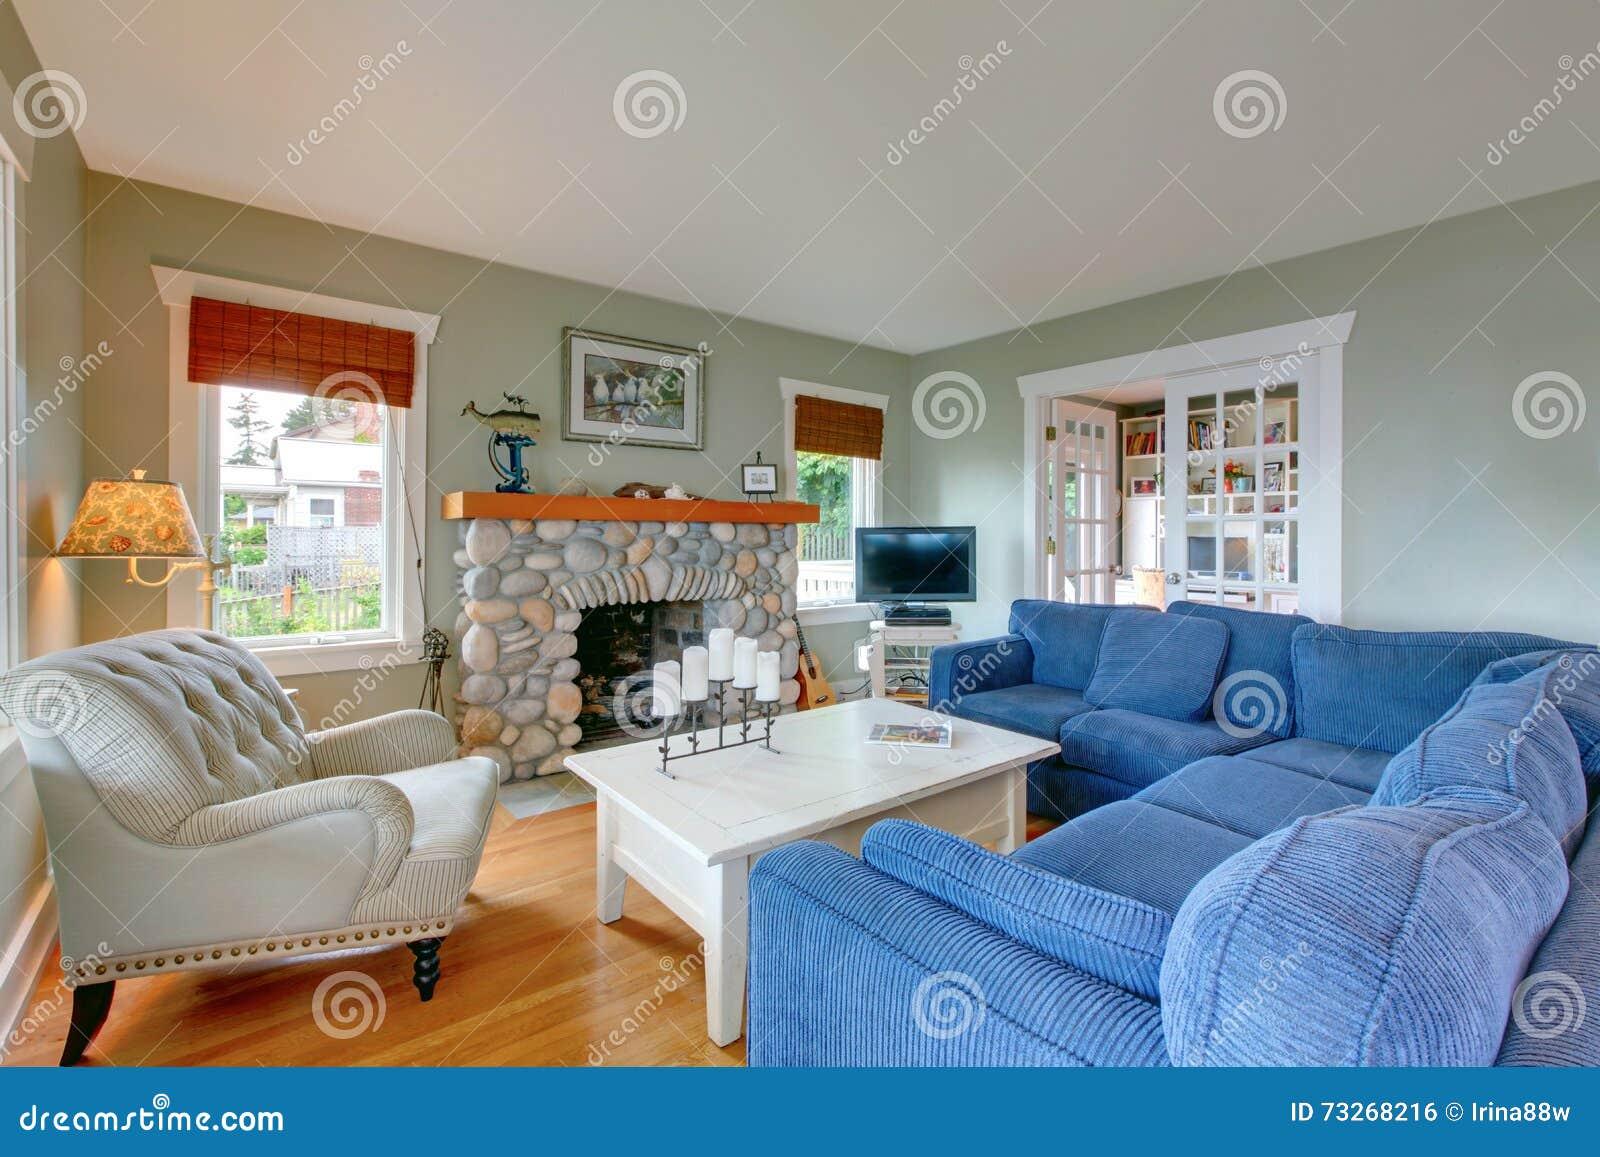 Klassisches Amerikanisches Wohnzimmer Mit Blauem Sofa Und Kamin